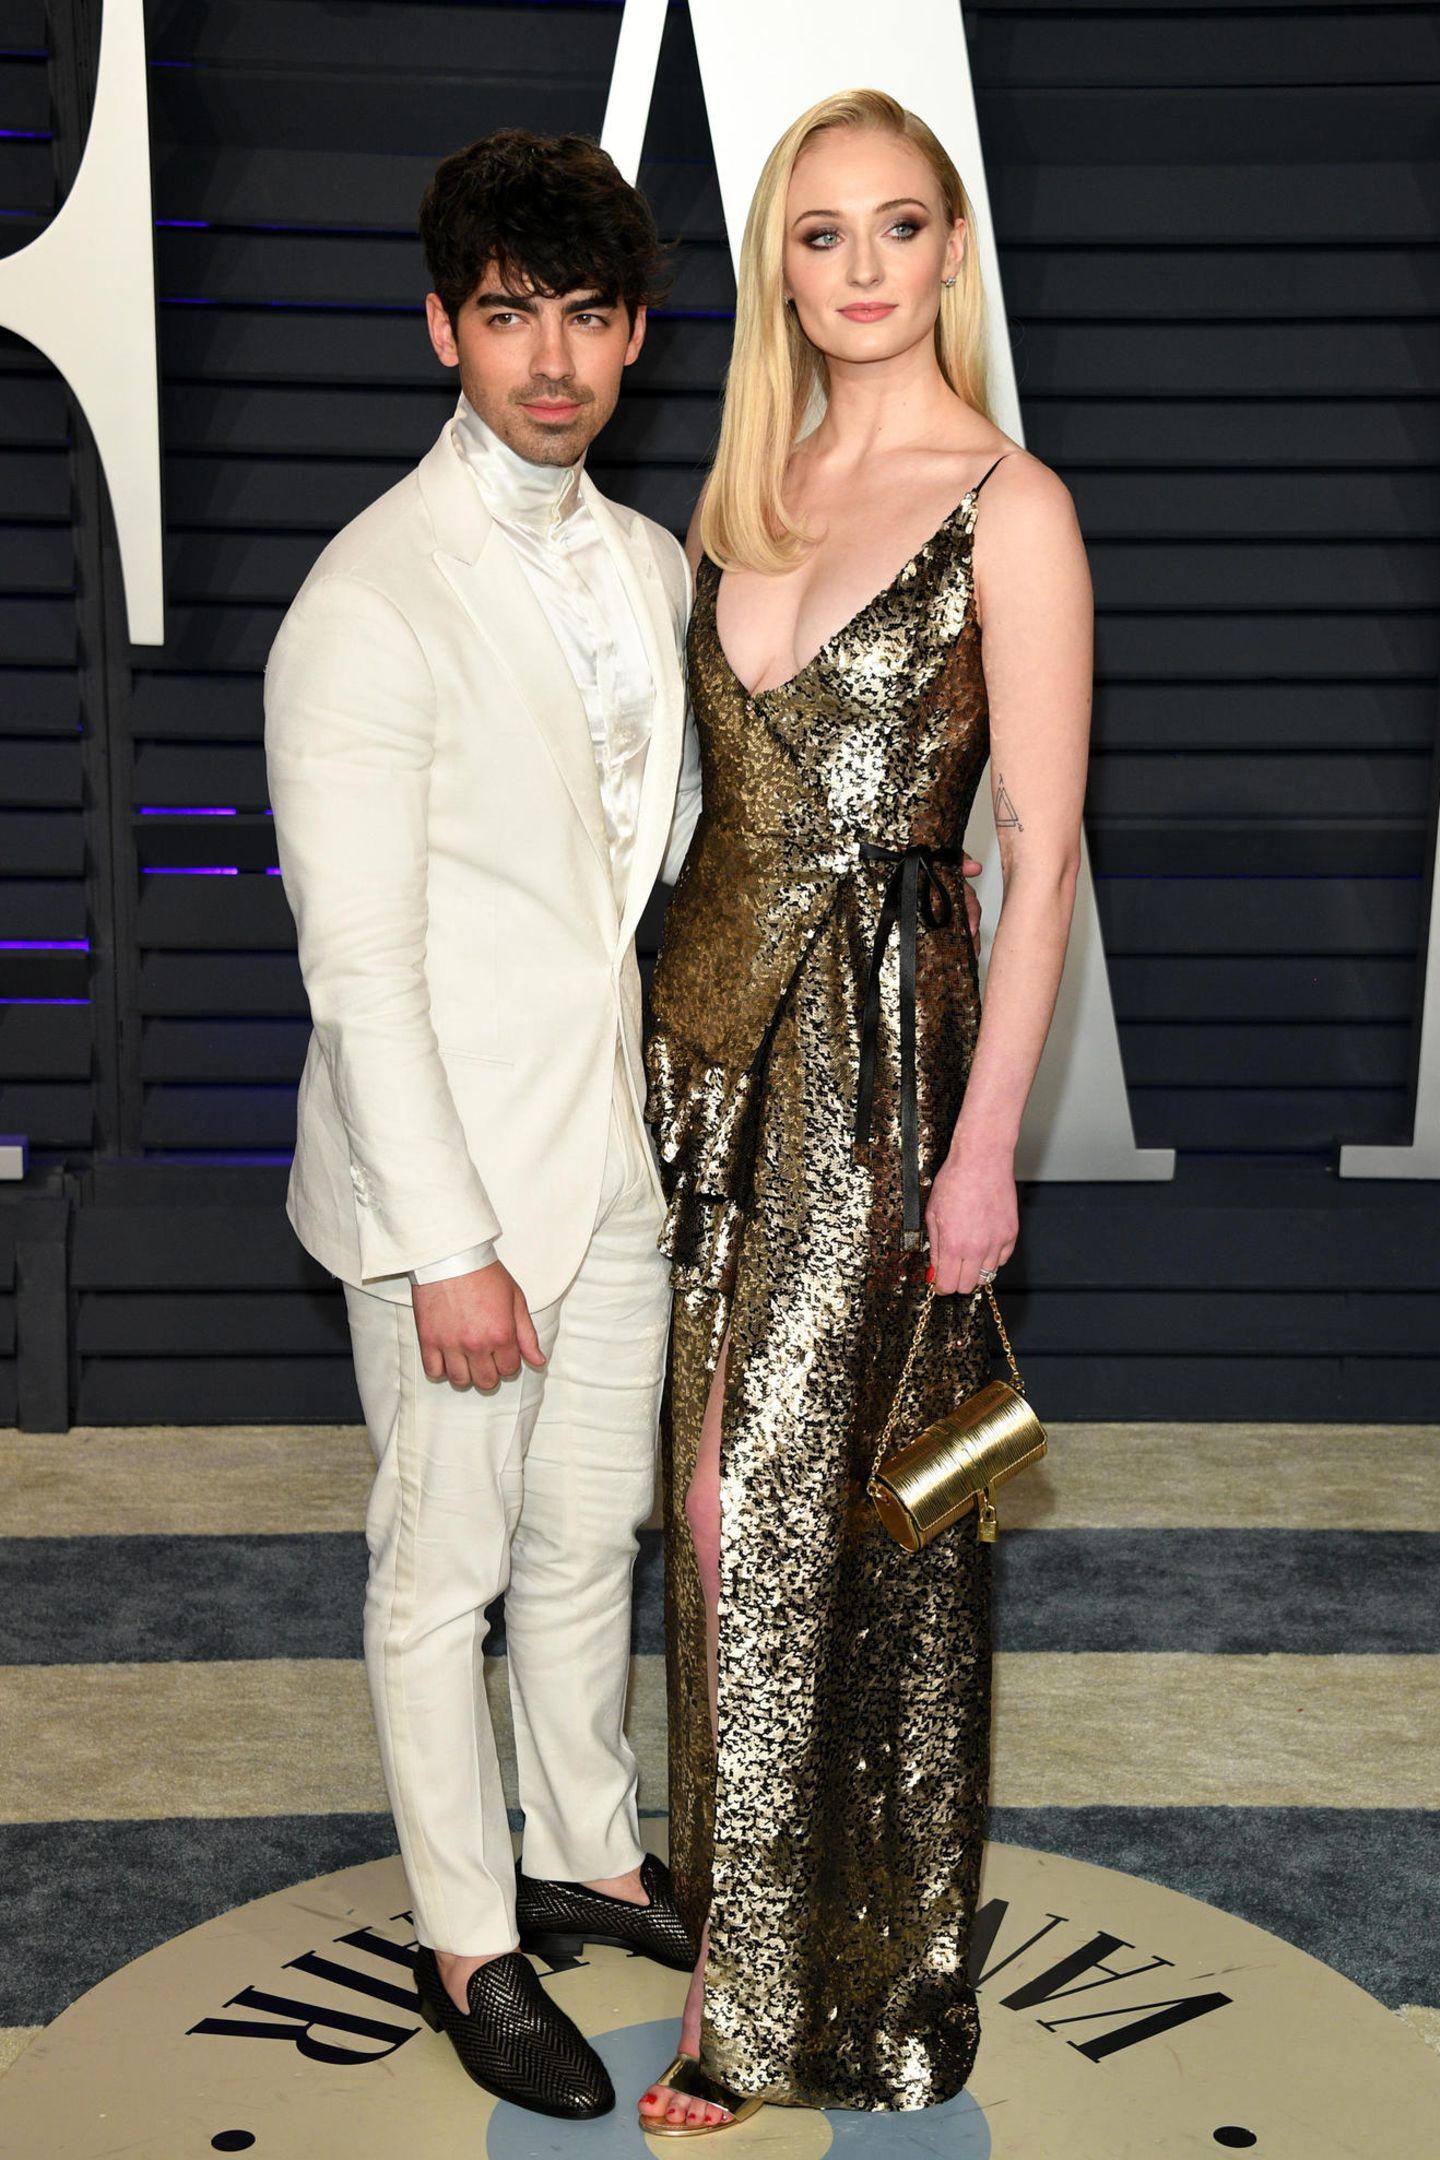 Joe Jonas und Sophie Turner wagen beide etwas: Er kommt im komplett weißen Anzug, sie setzt ganz und gar auf Gold.